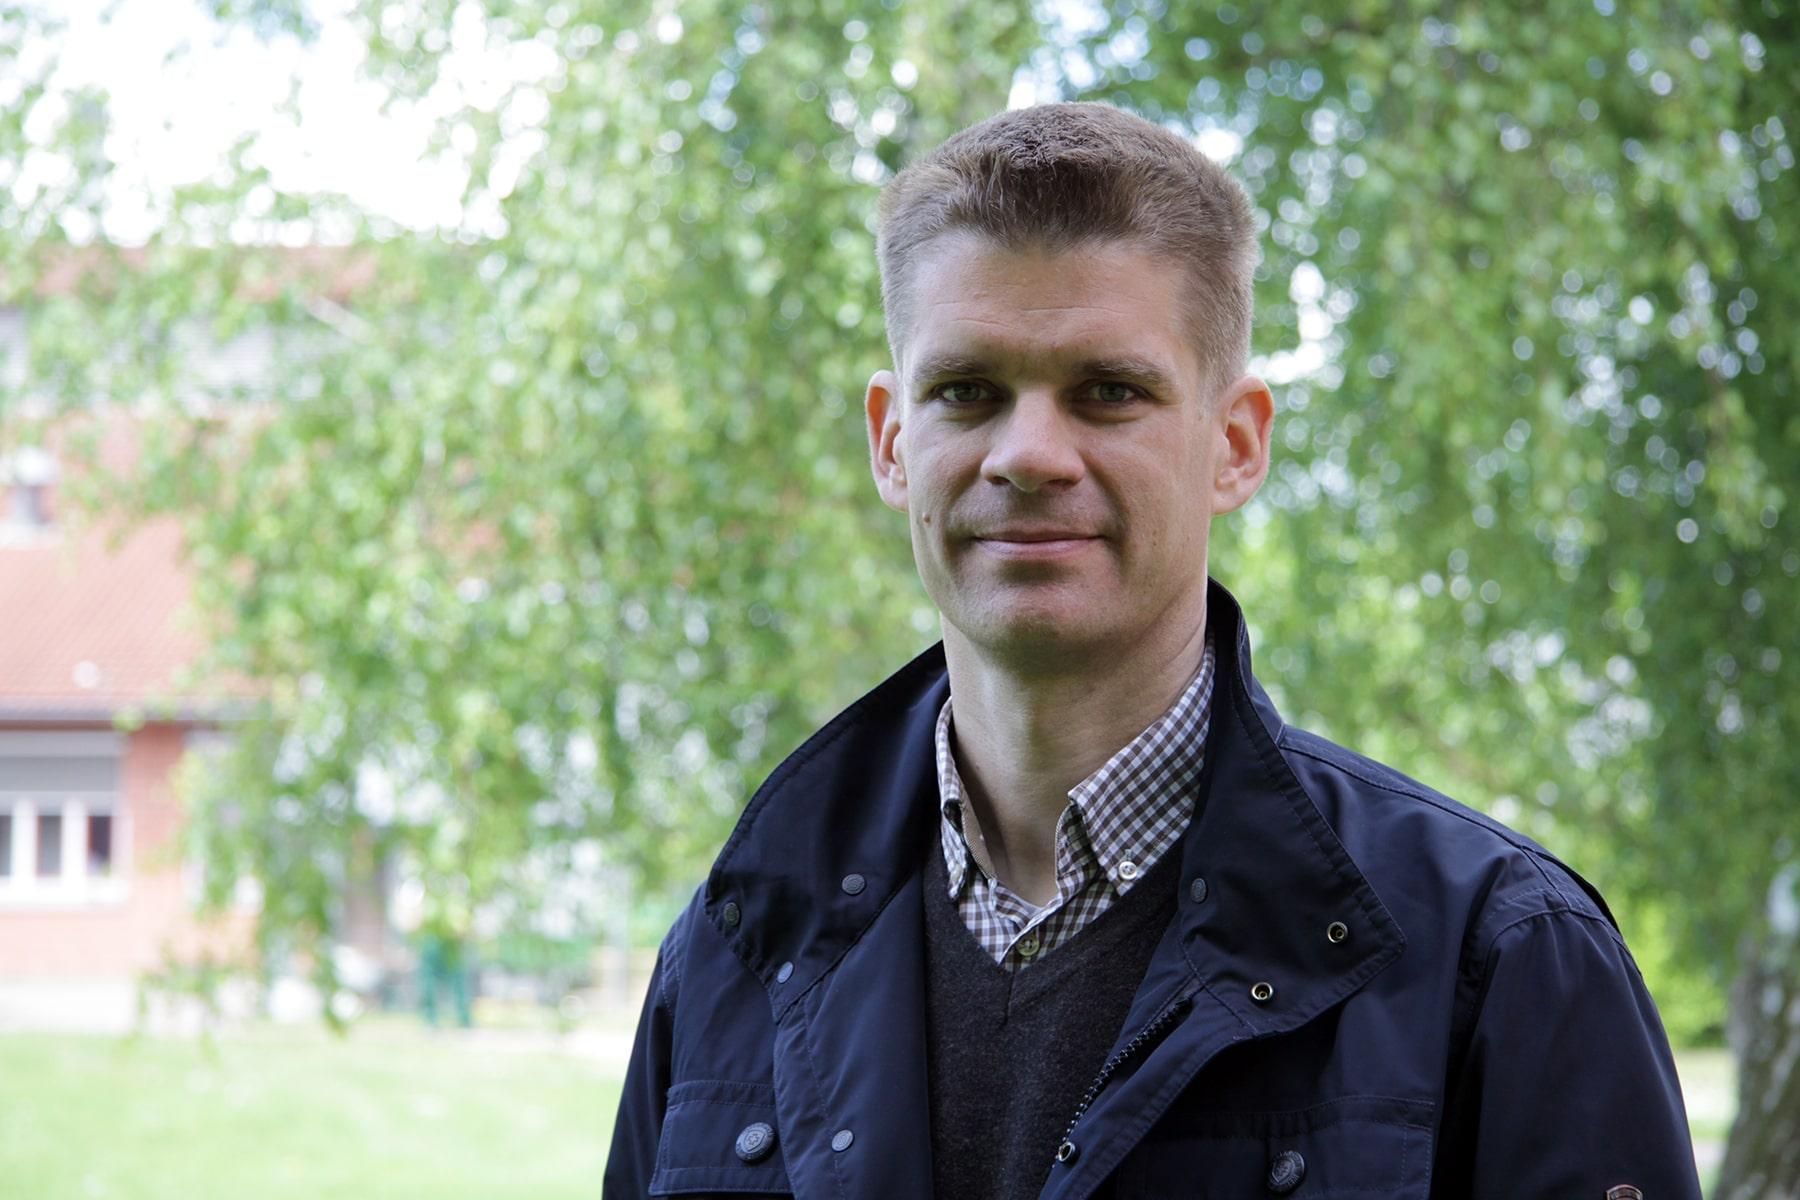 Lutz Regenberg, Leiter Kommunikation bei der Vorwerker Diakonie